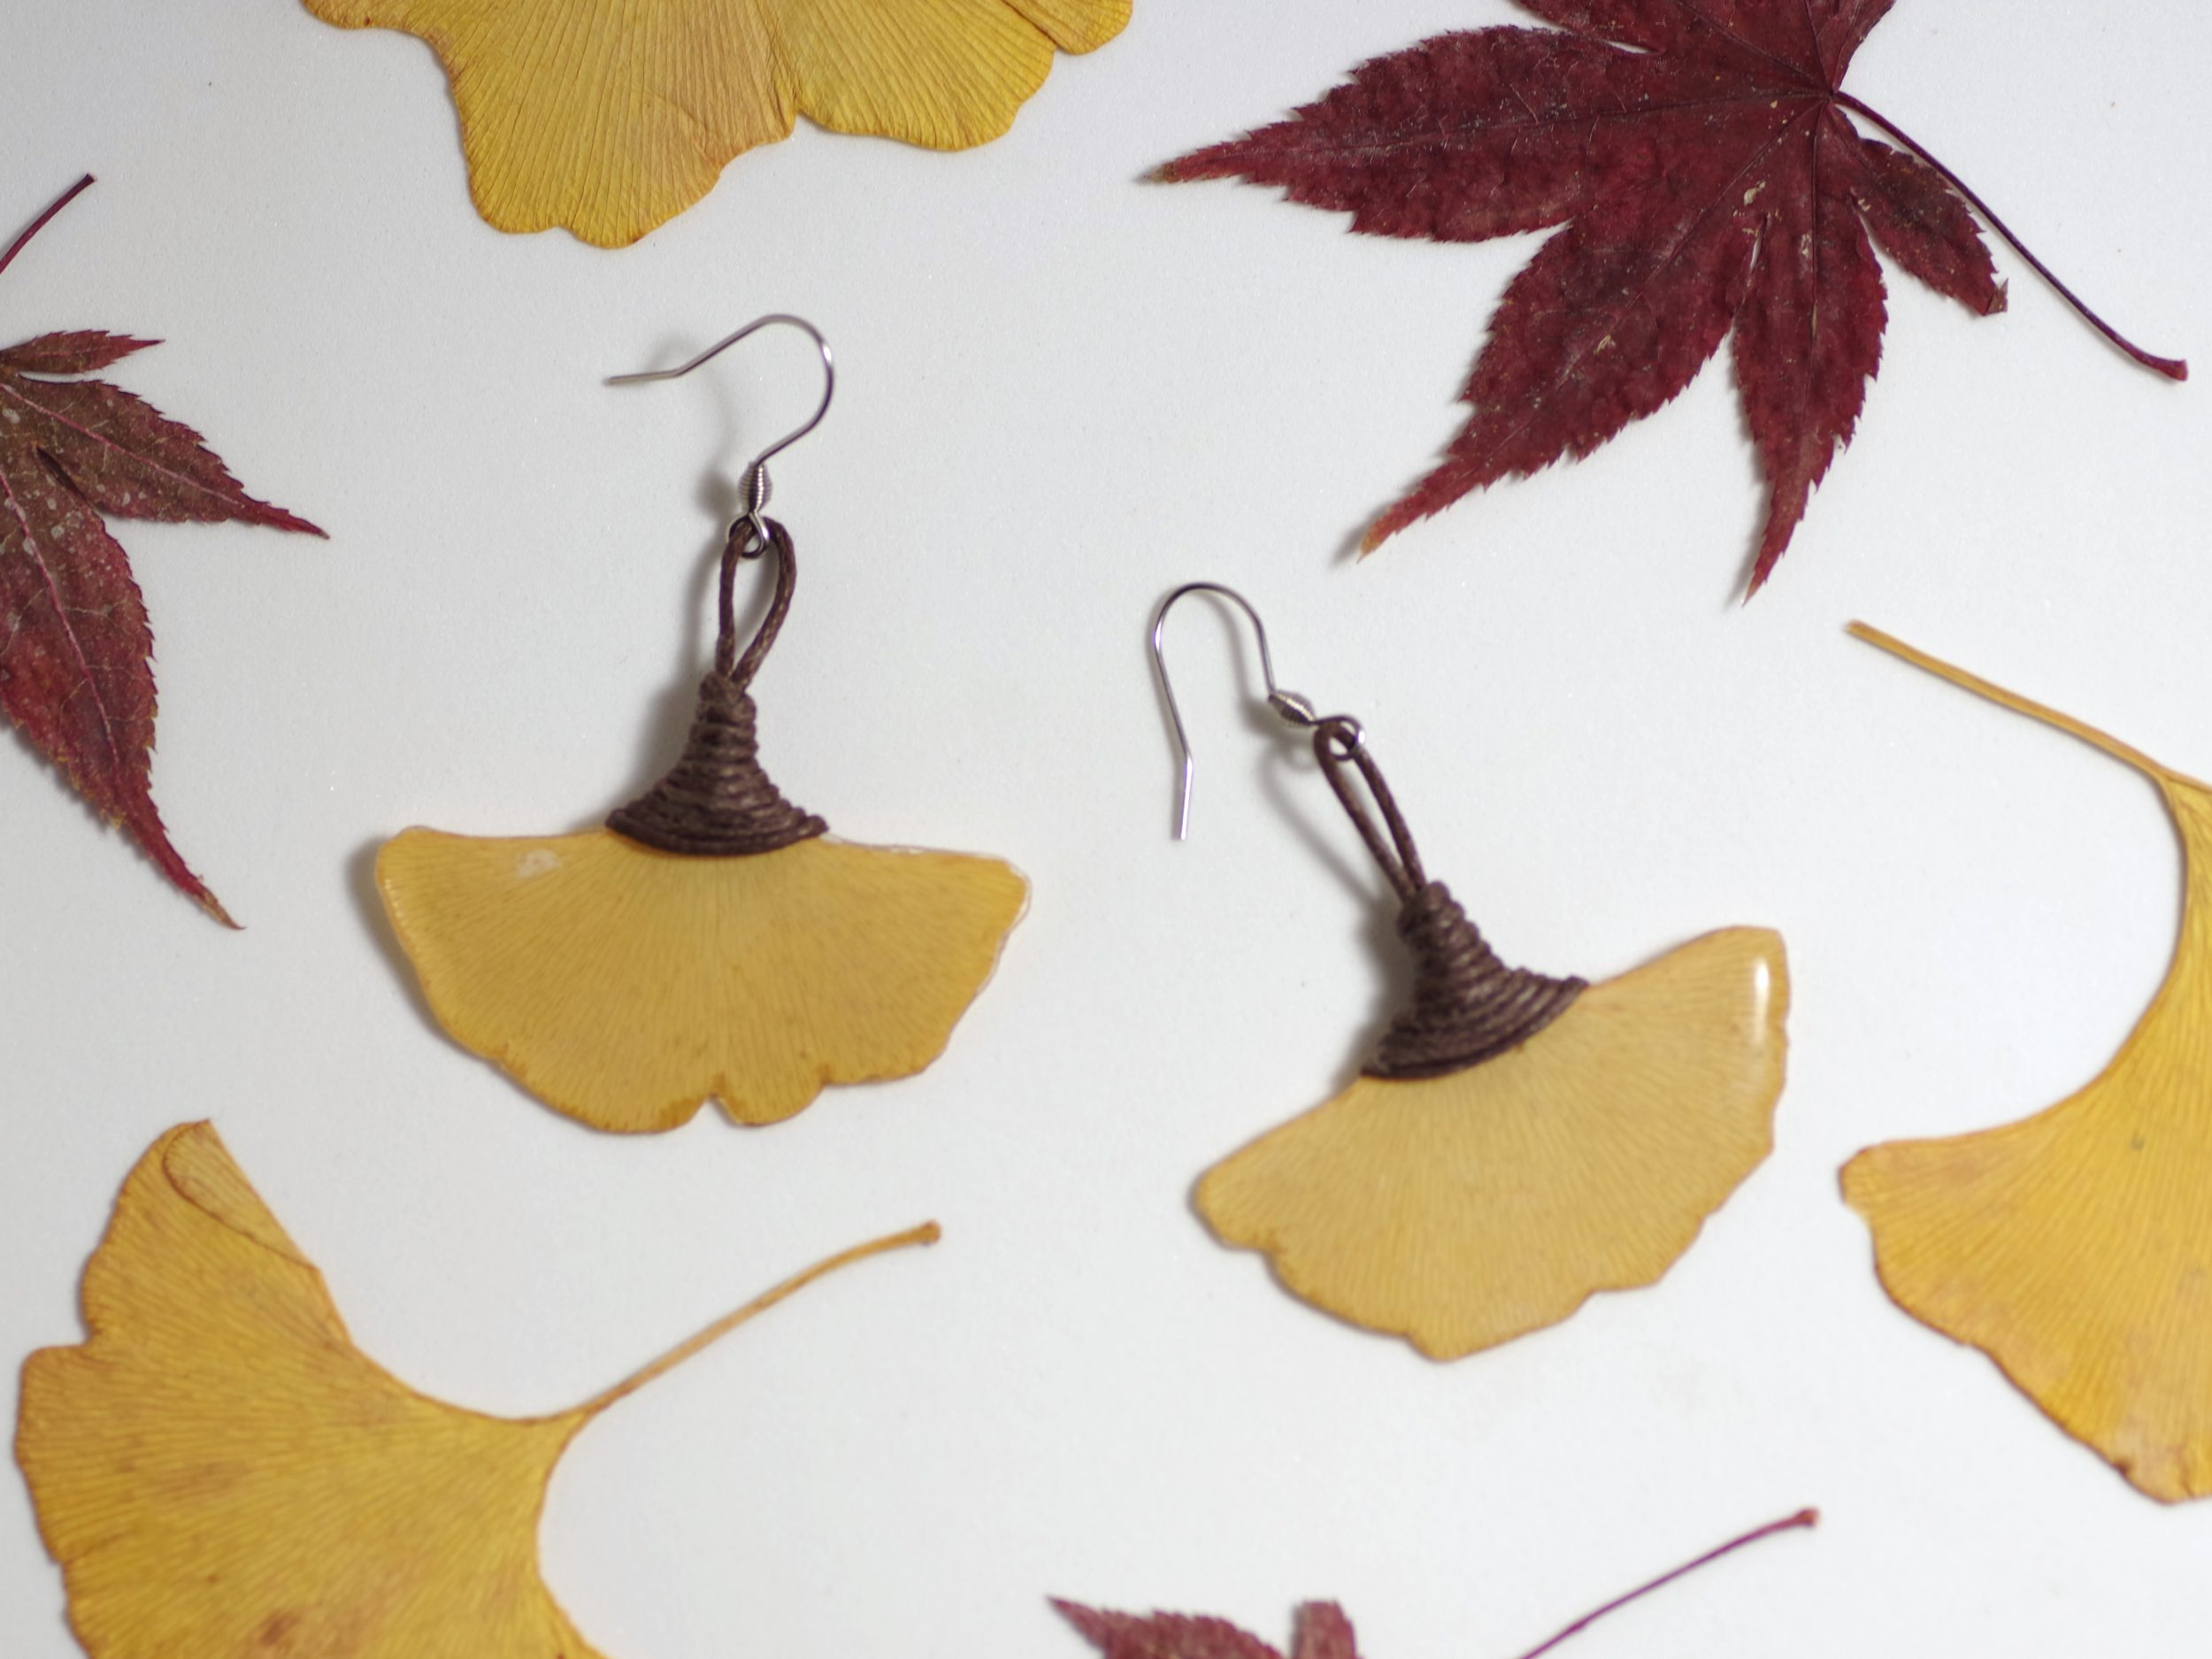 boucles d'oreilles végétales, pendentifs petites feuilles de ginkgo biloba jaunes